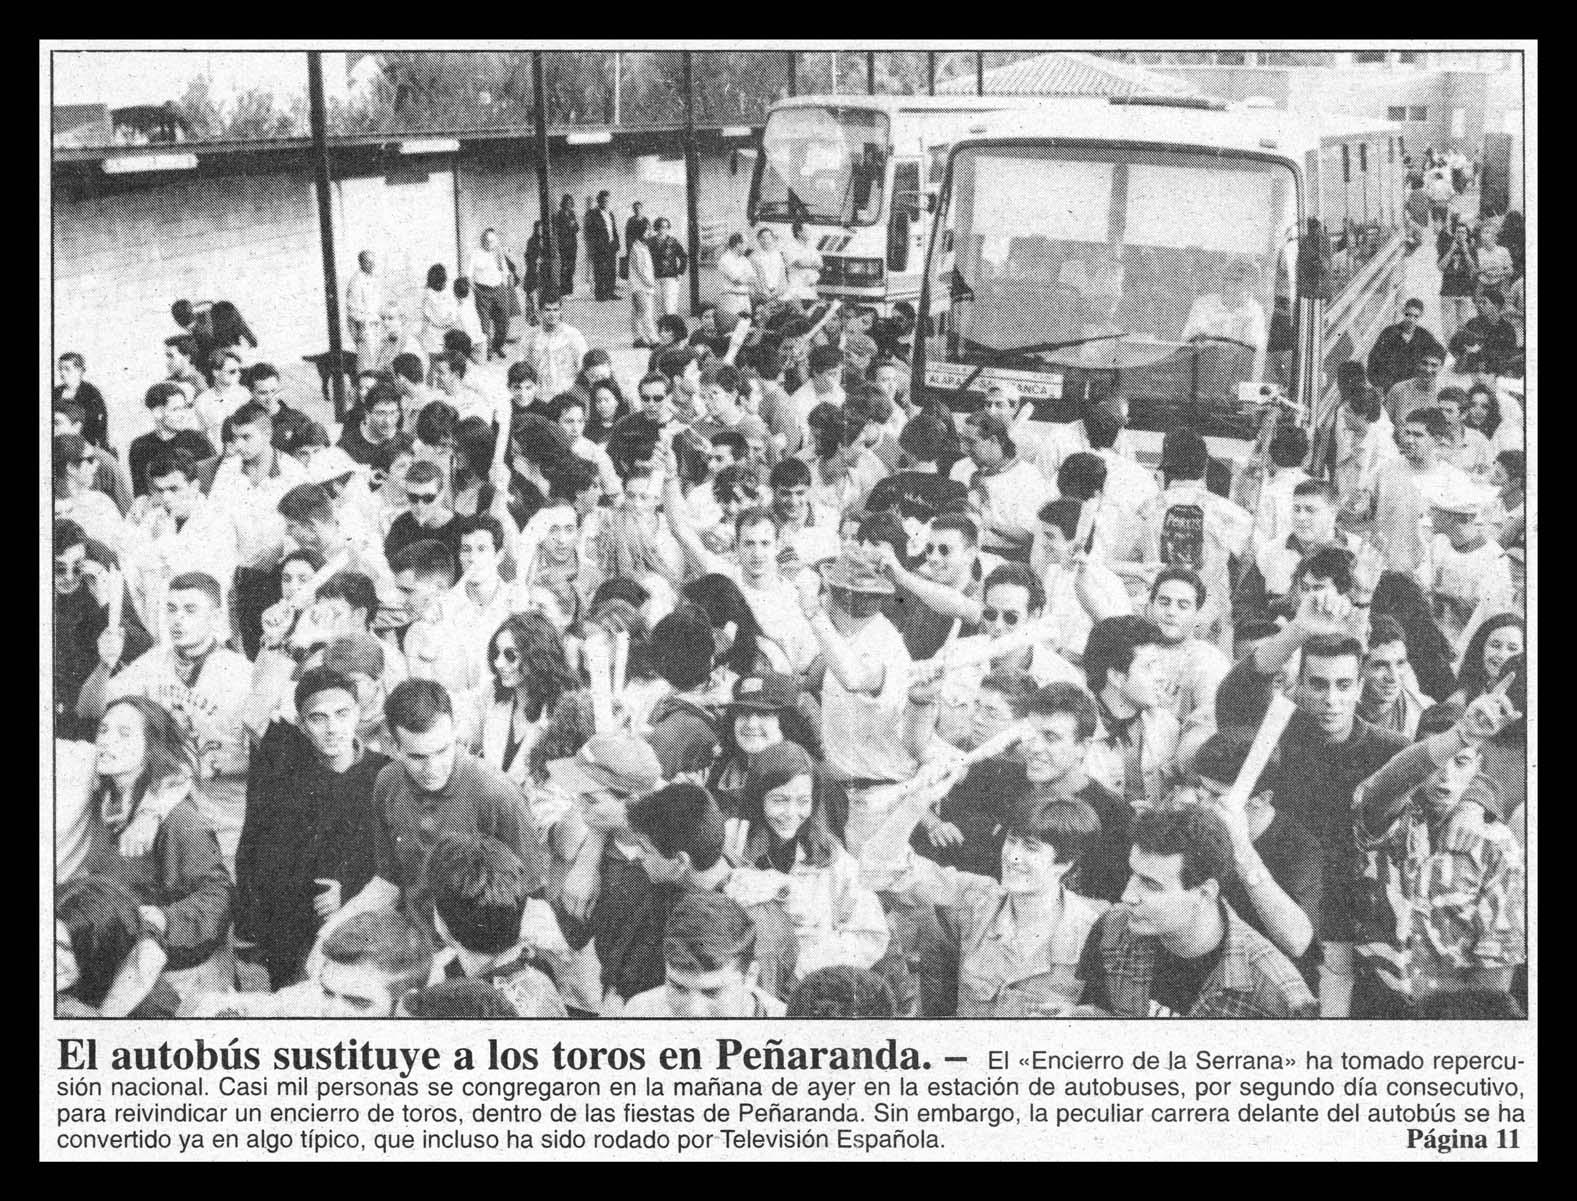 Encierro de La Serrana en las ferias de Peñaranda de Bracamonte I